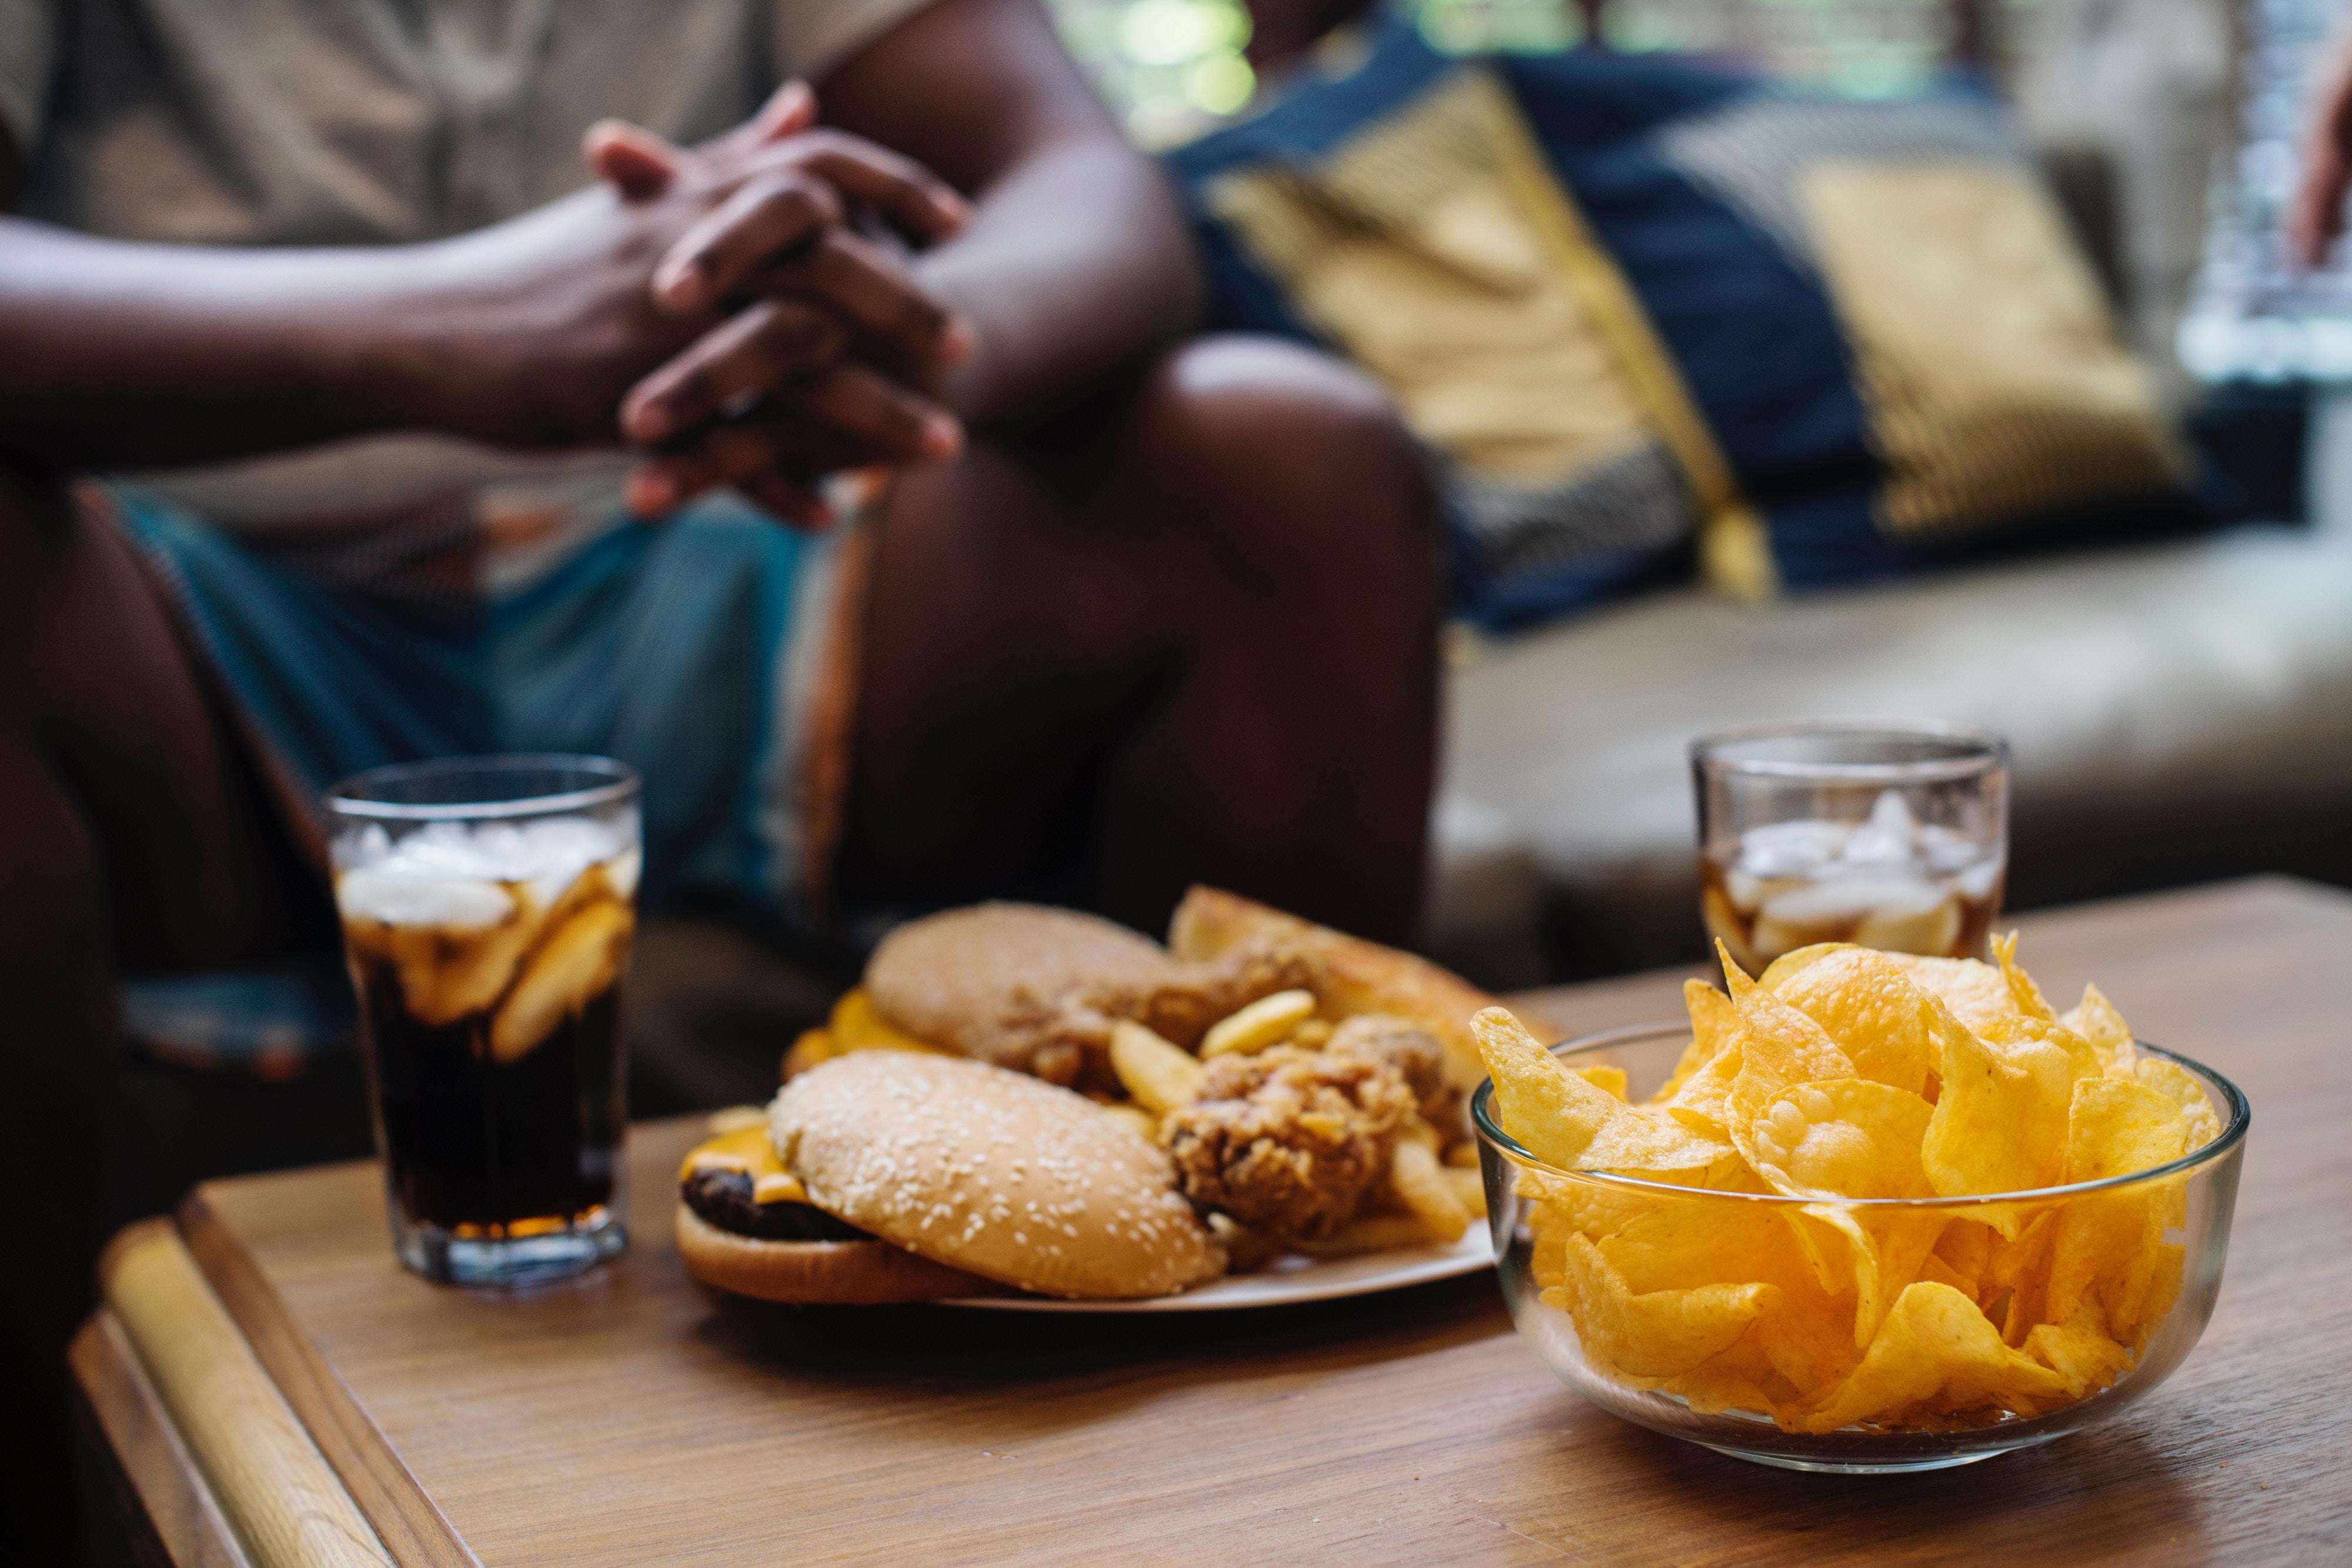 Ранние симптомы диабета: что вас должно насторожить